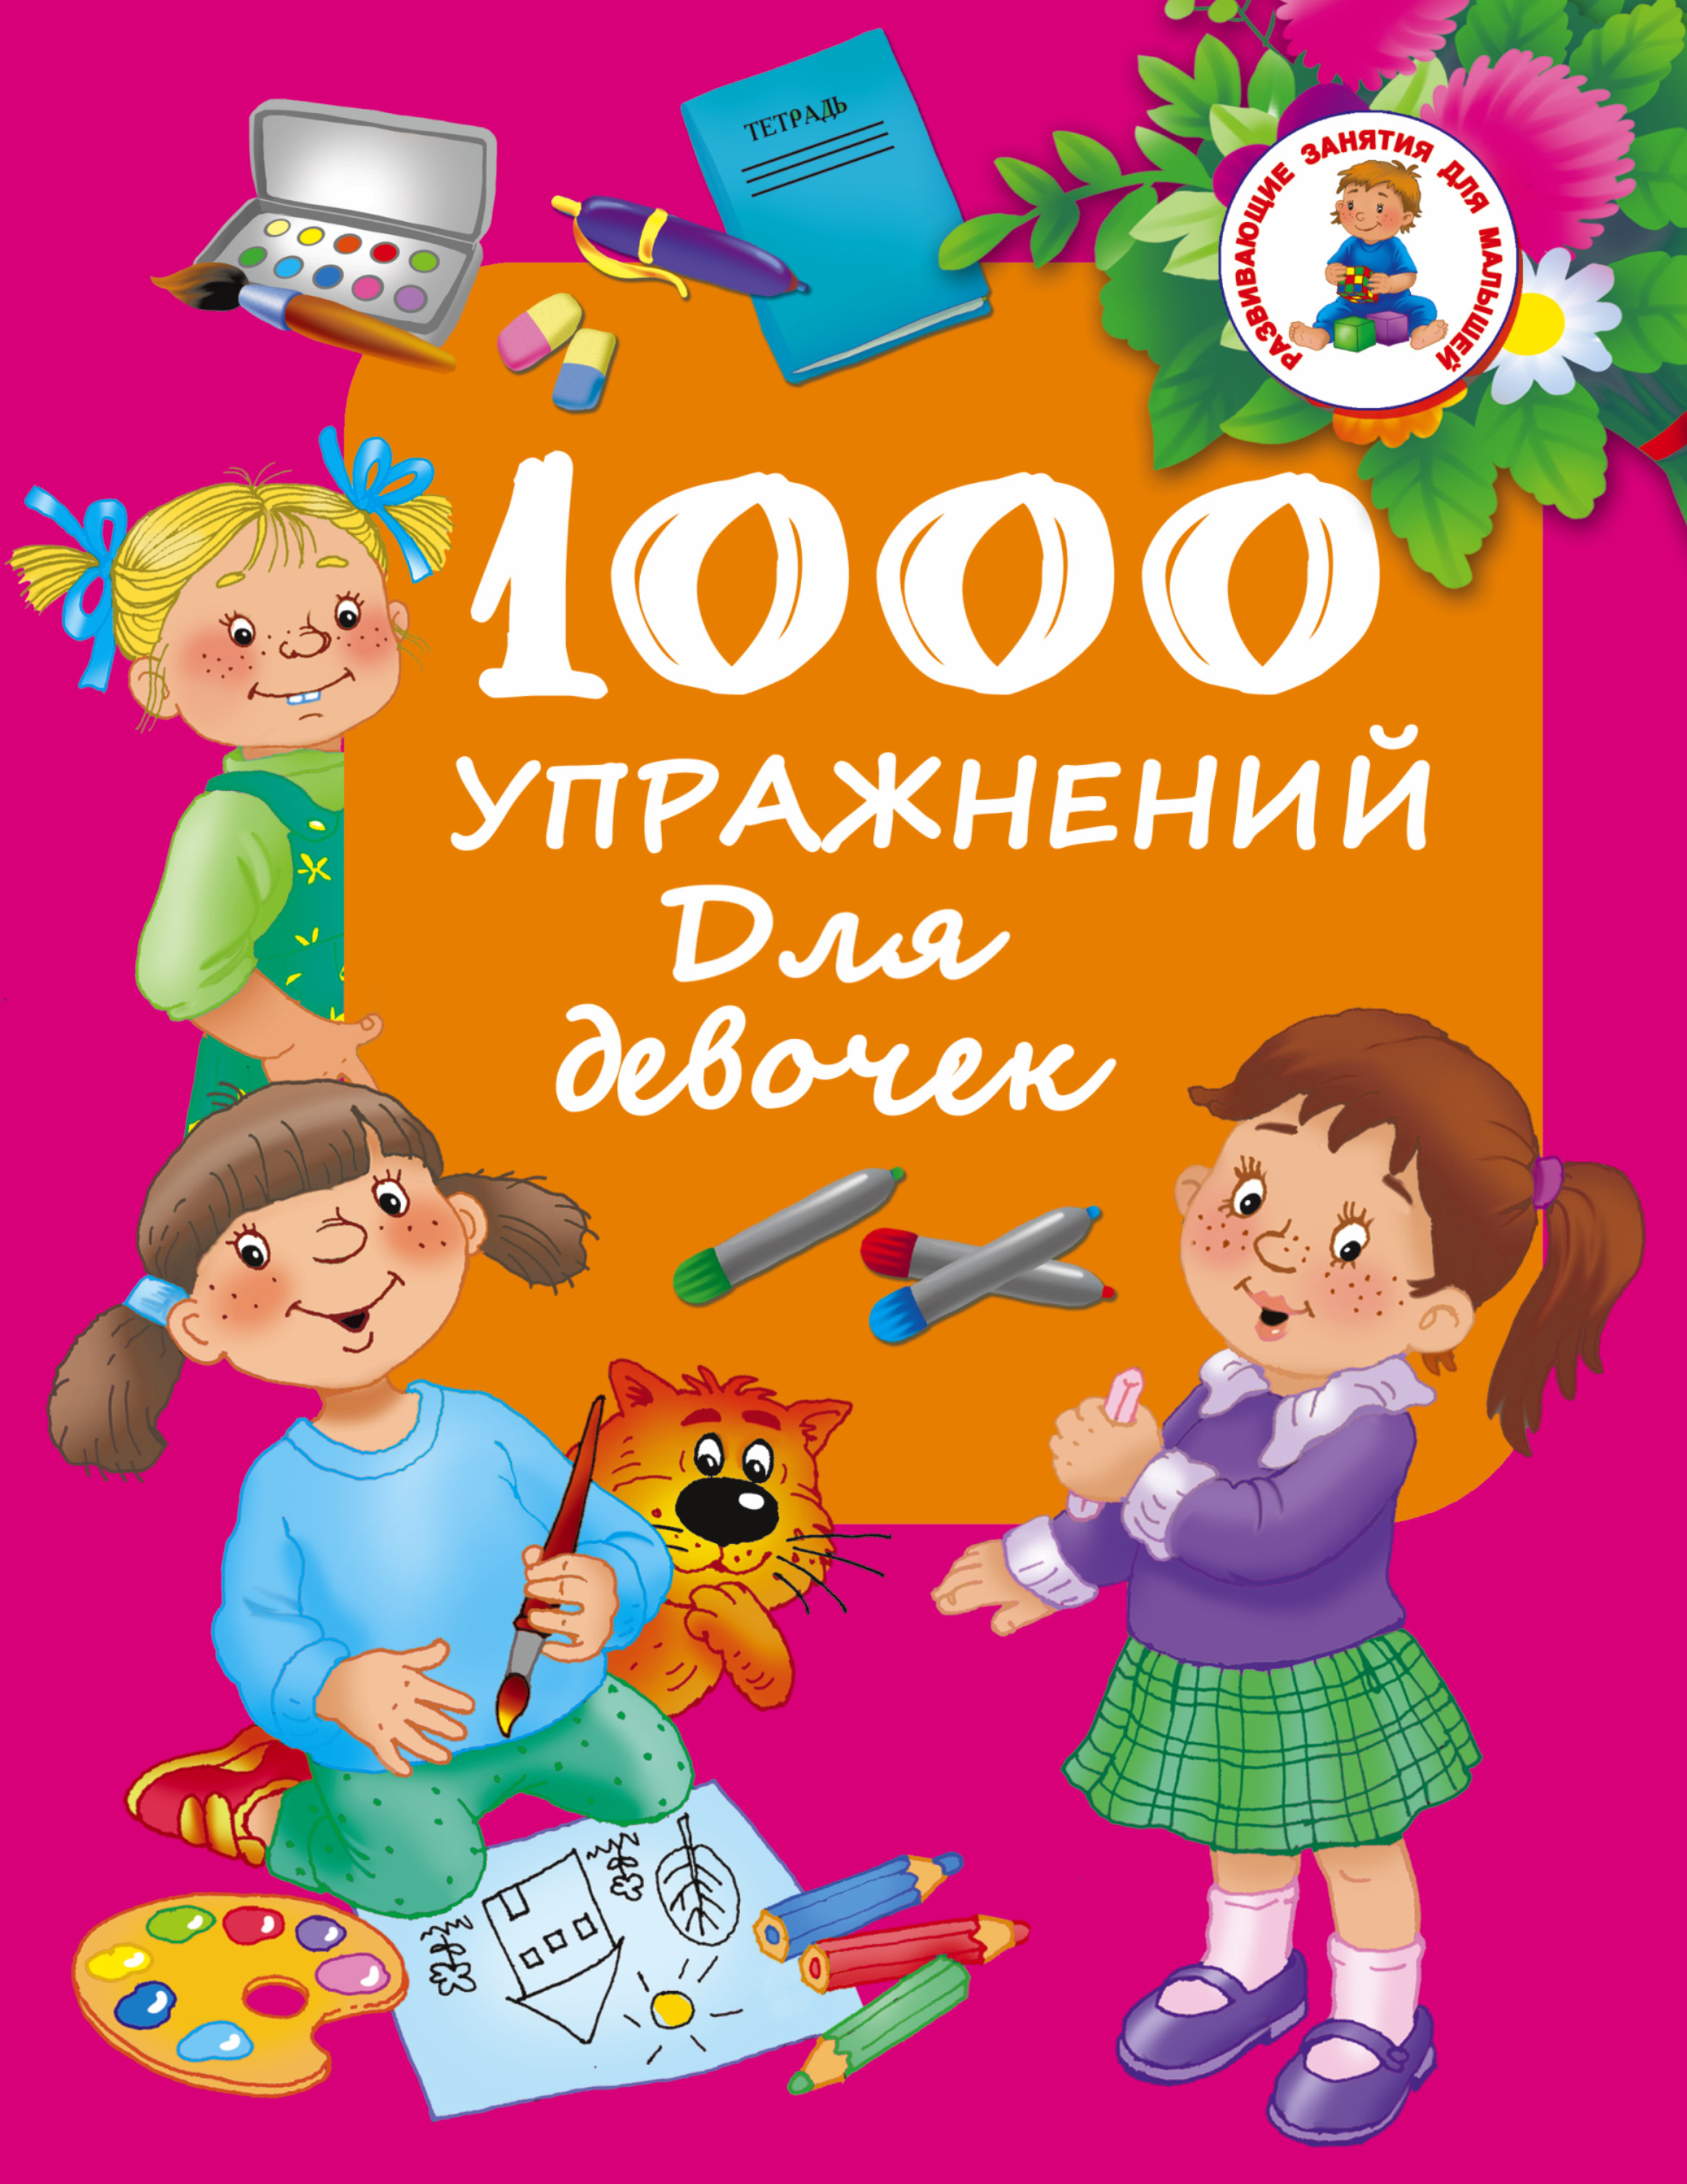 1000 упражнений для девочек